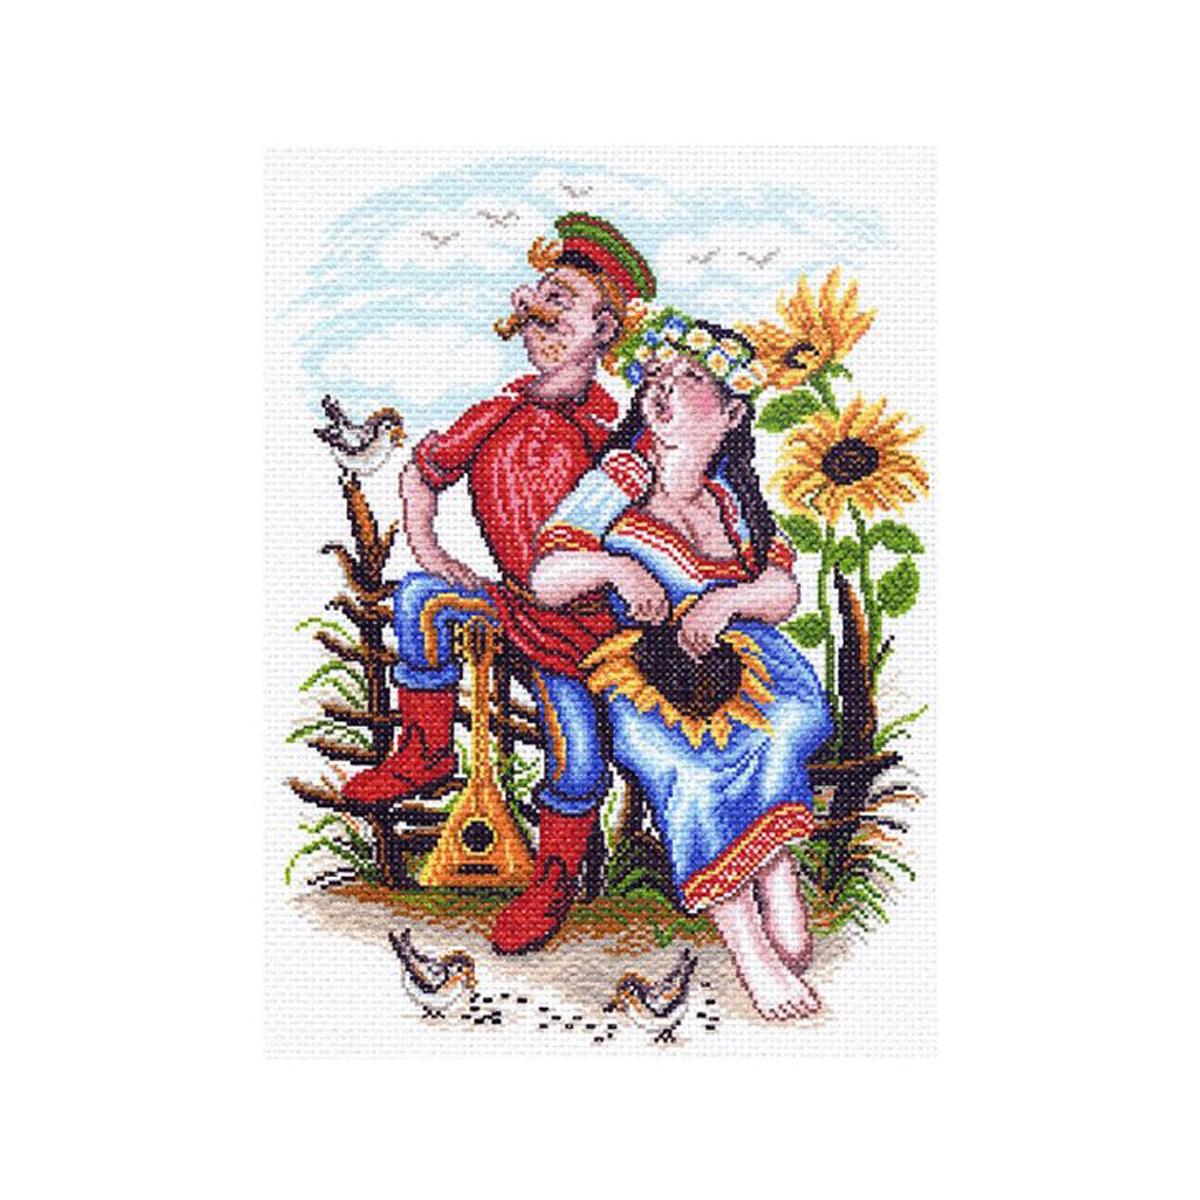 Канва с рисунком Матренин Посад Двое на околице, 33 см х 45 см. 1551549971Размер: 33x45 см Рисунок полностью напечатан на канве. Указана цветовая карта ниток. Вышивать рекомендуется мулине в 3 сложения.